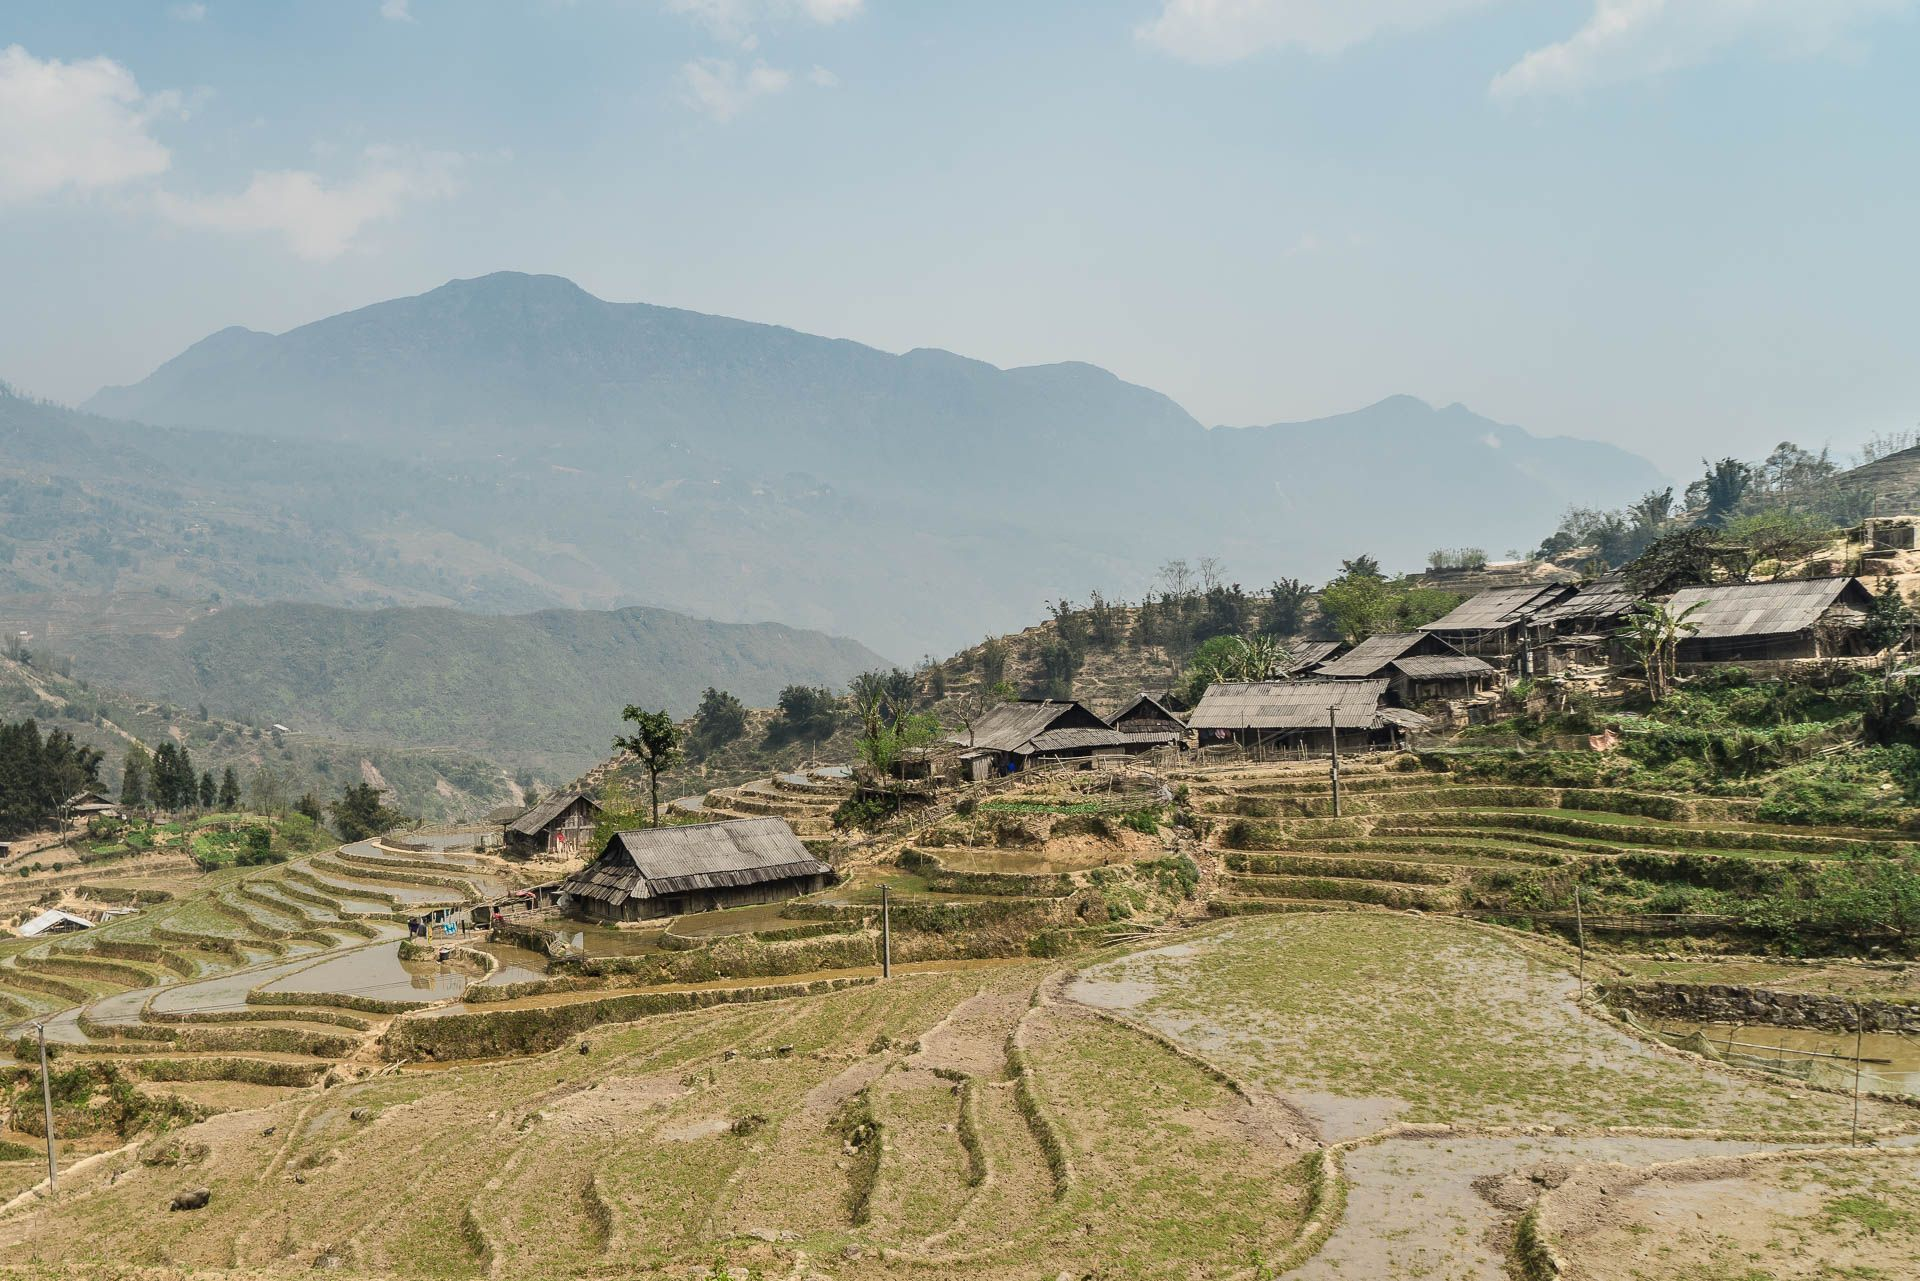 lesvoyageuses-trek-sapa-minorites-ethniques-itineraire-vietnam-10